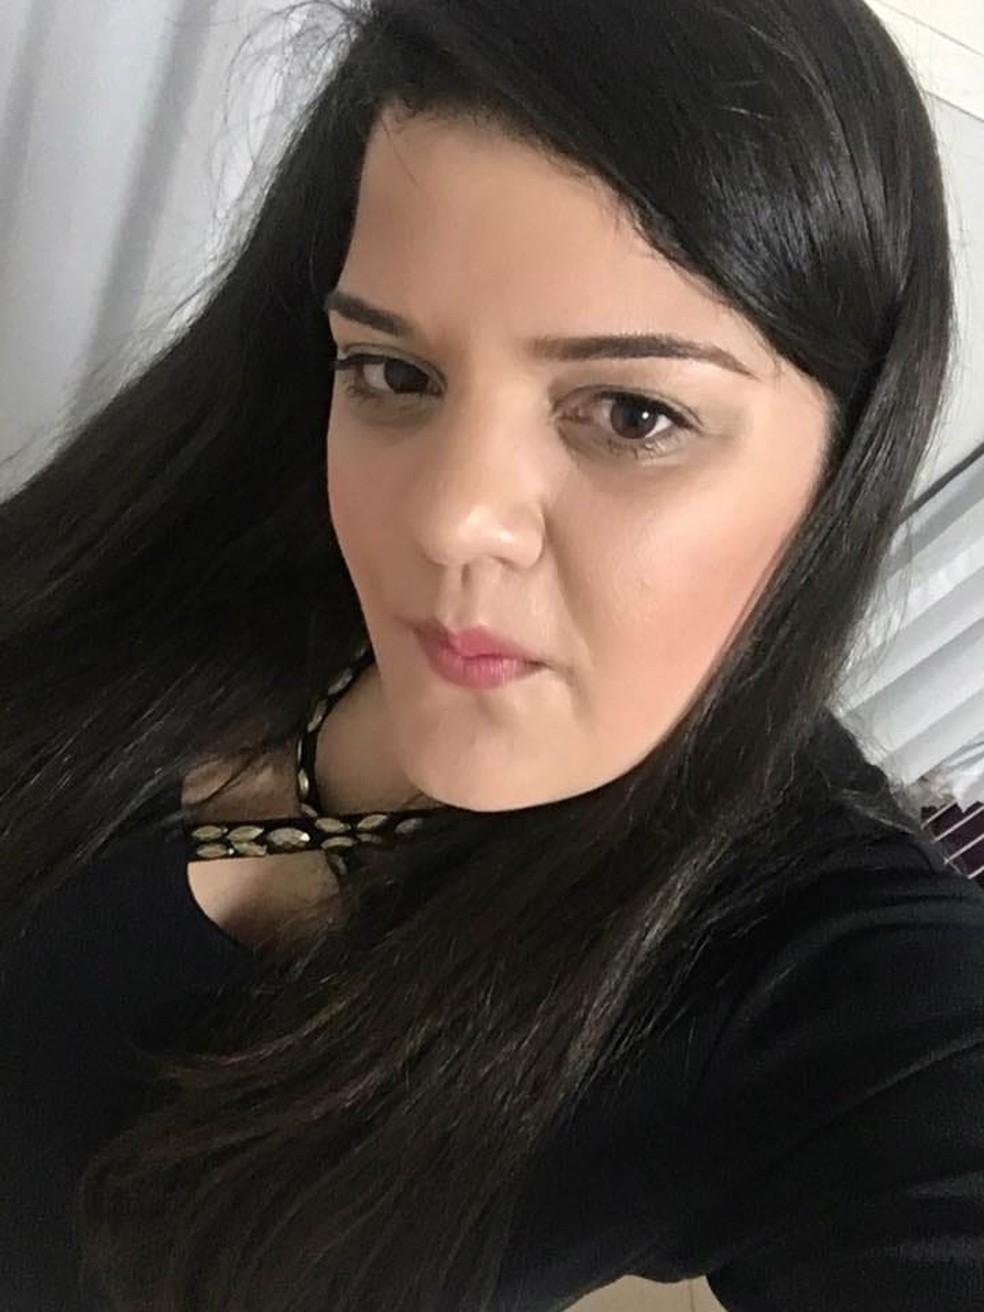 Raienne Dantas de Assunção Brandão foi encontrada morta dentro de uma casa em Currais Novos, no RN; perícia encontrou marcas de esganadura — Foto: Cedida